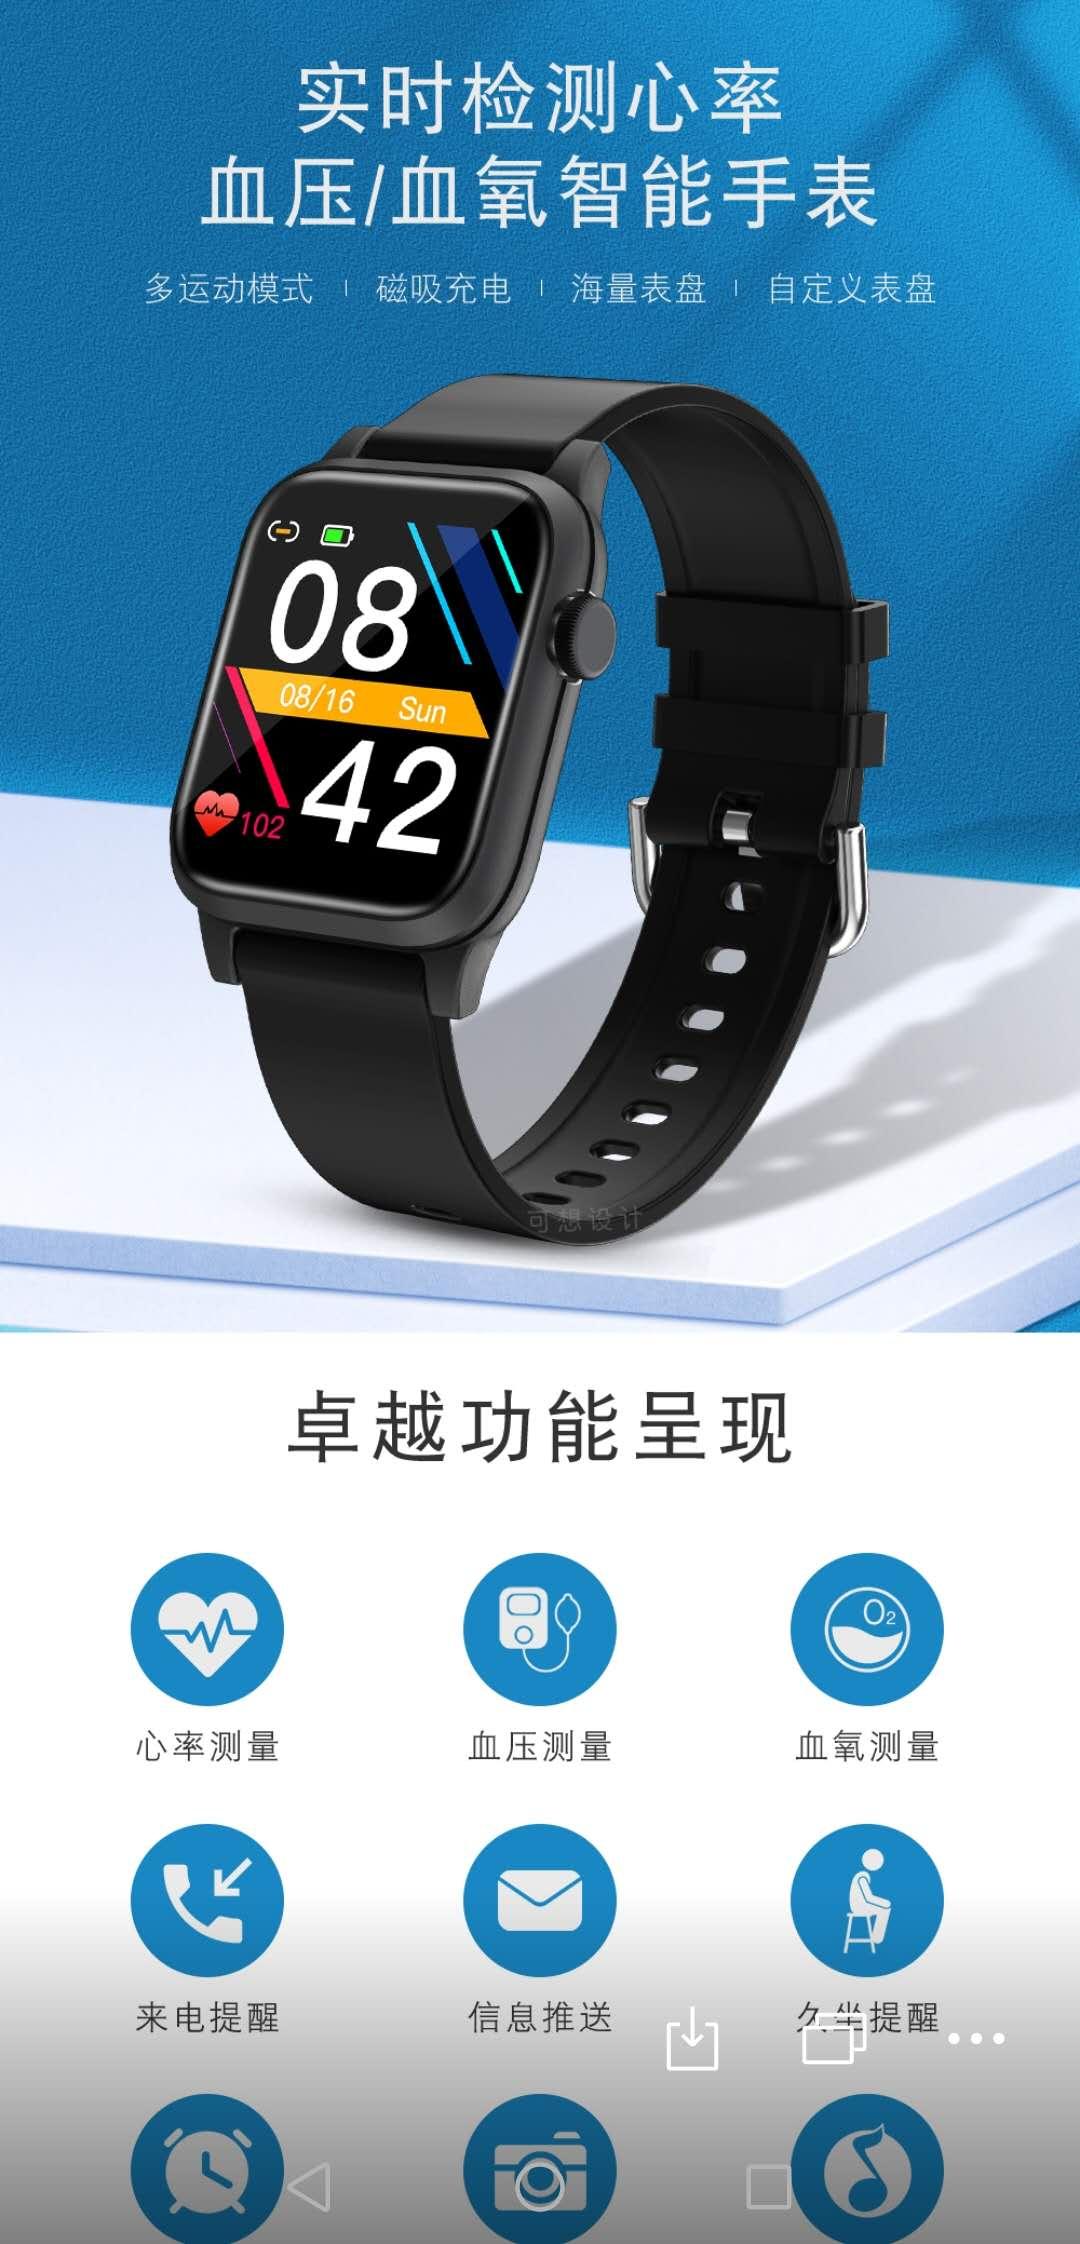 最新款!P18智能手环,米外观,屏幕尺寸:1.3英寸